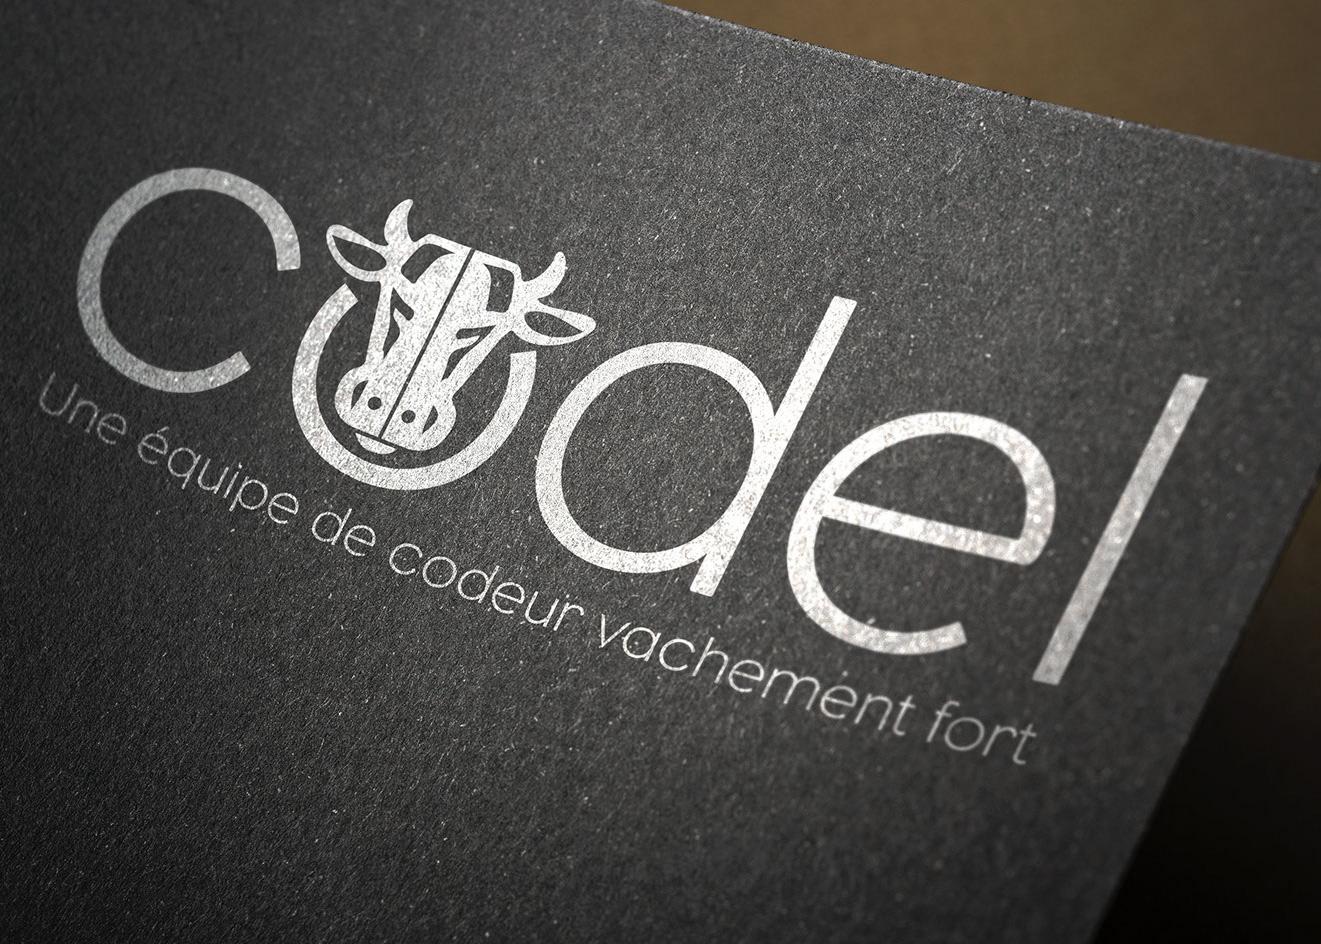 loolye labat graphiste webdesigner graphisme logo identit visuelle codel france. Black Bedroom Furniture Sets. Home Design Ideas